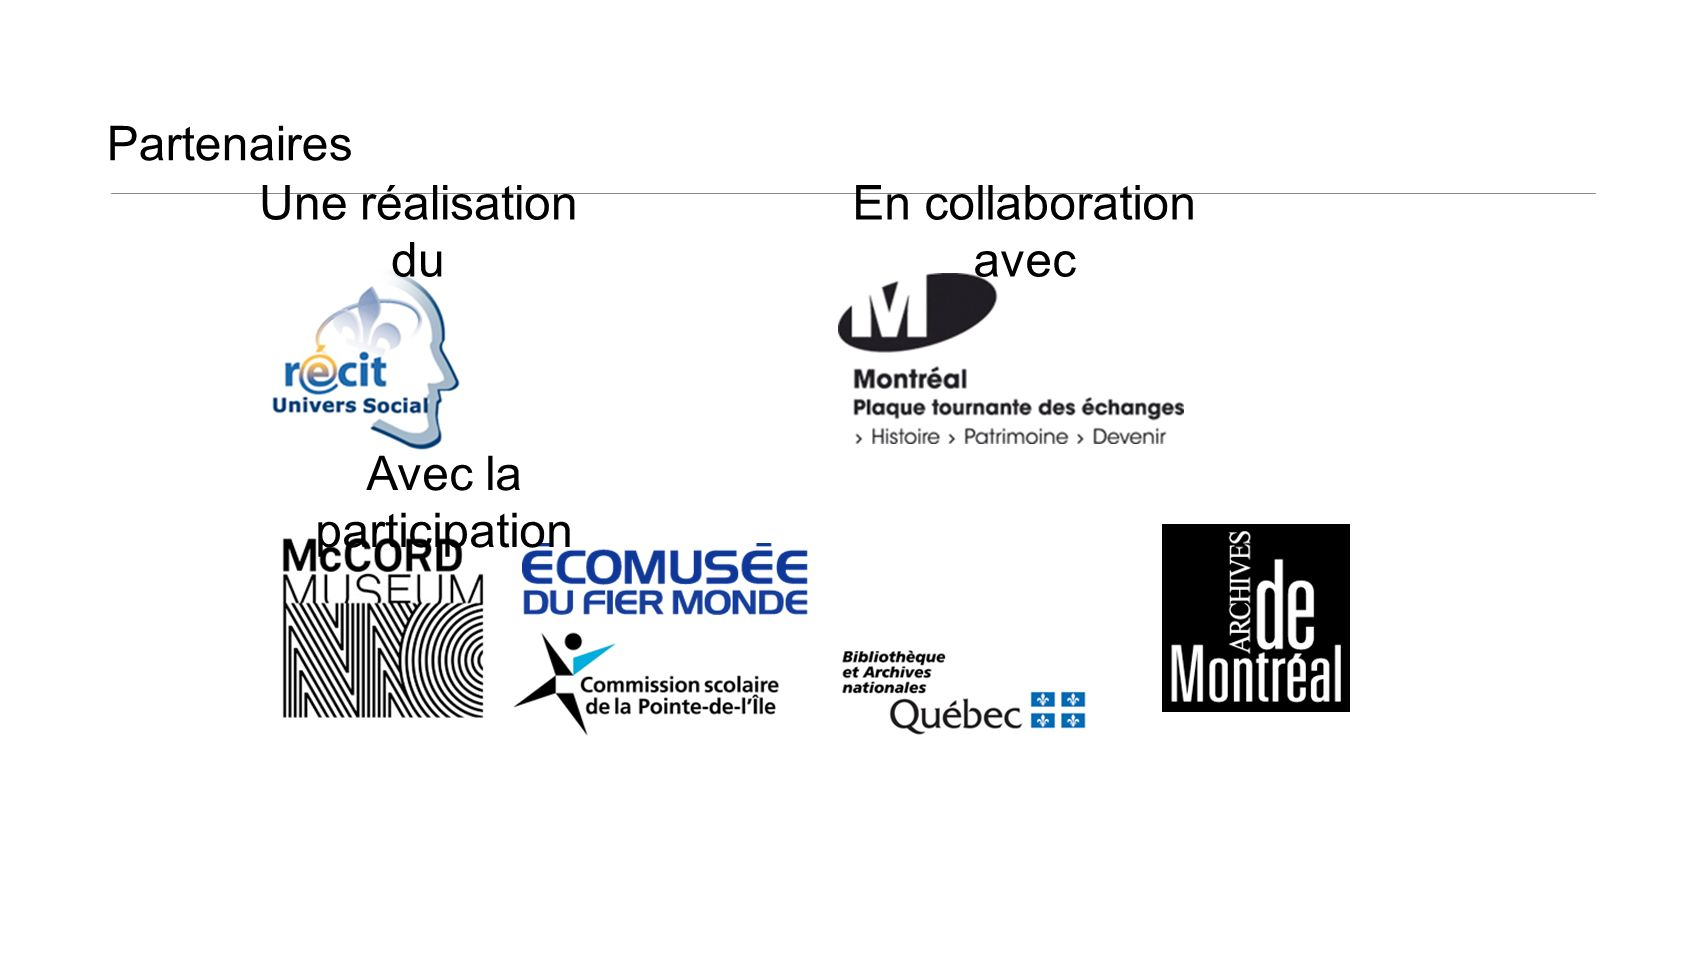 Partenaires Une réalisation du En collaboration avec